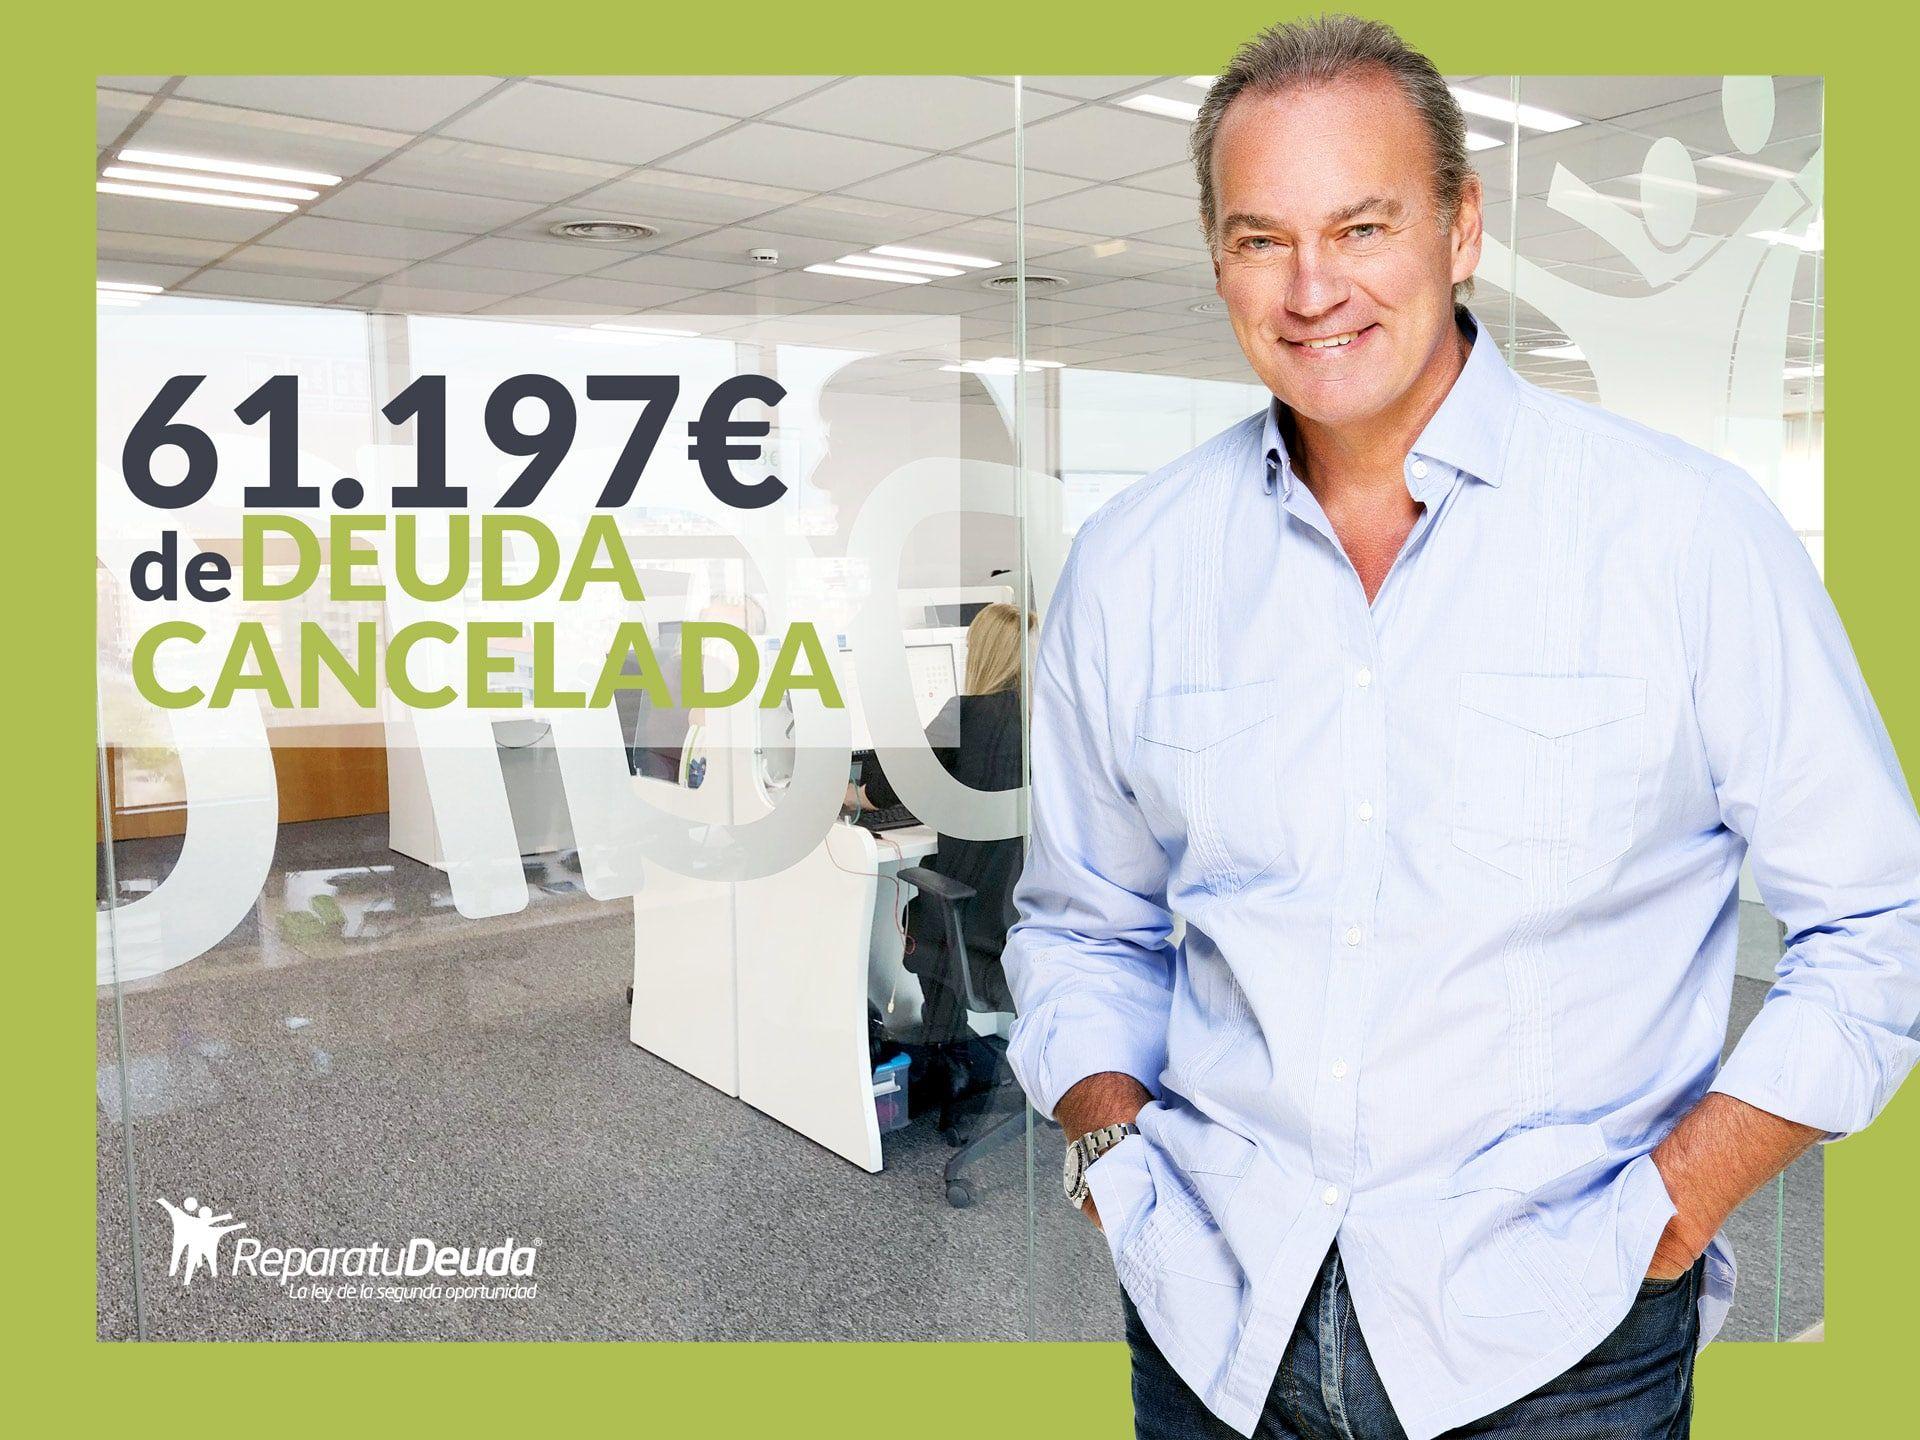 Repara tu Deuda Abogados cancela 61.197€ en Barcelona con la Ley de la Segunda Oportunidad